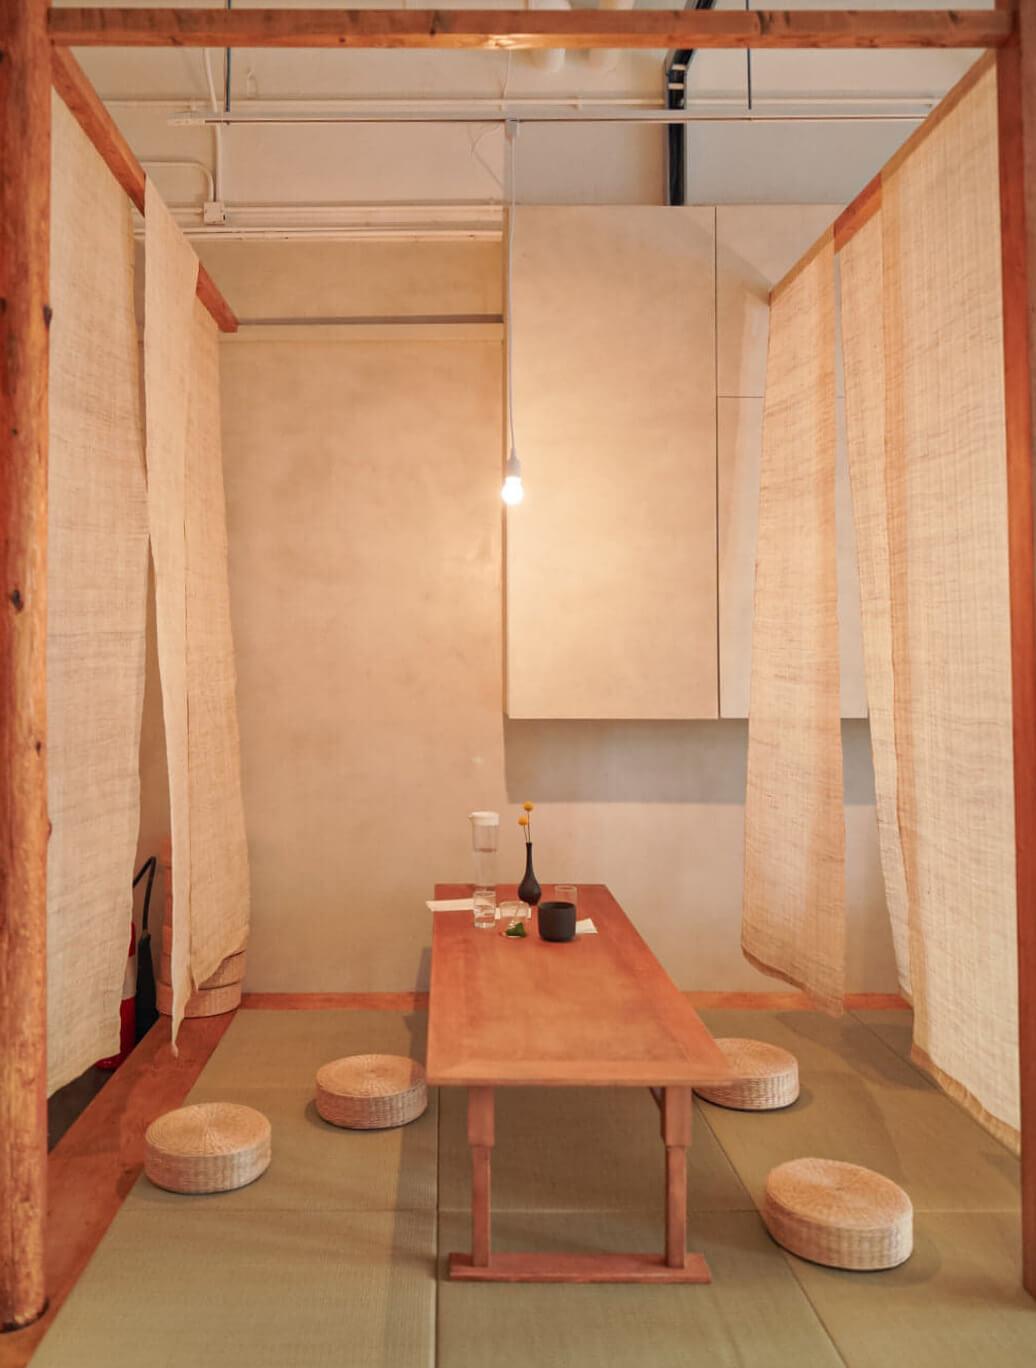 由「倒模工作」製作嘅水泥牆身,以及由「片藍造工房」處理嘅麻布屏風。